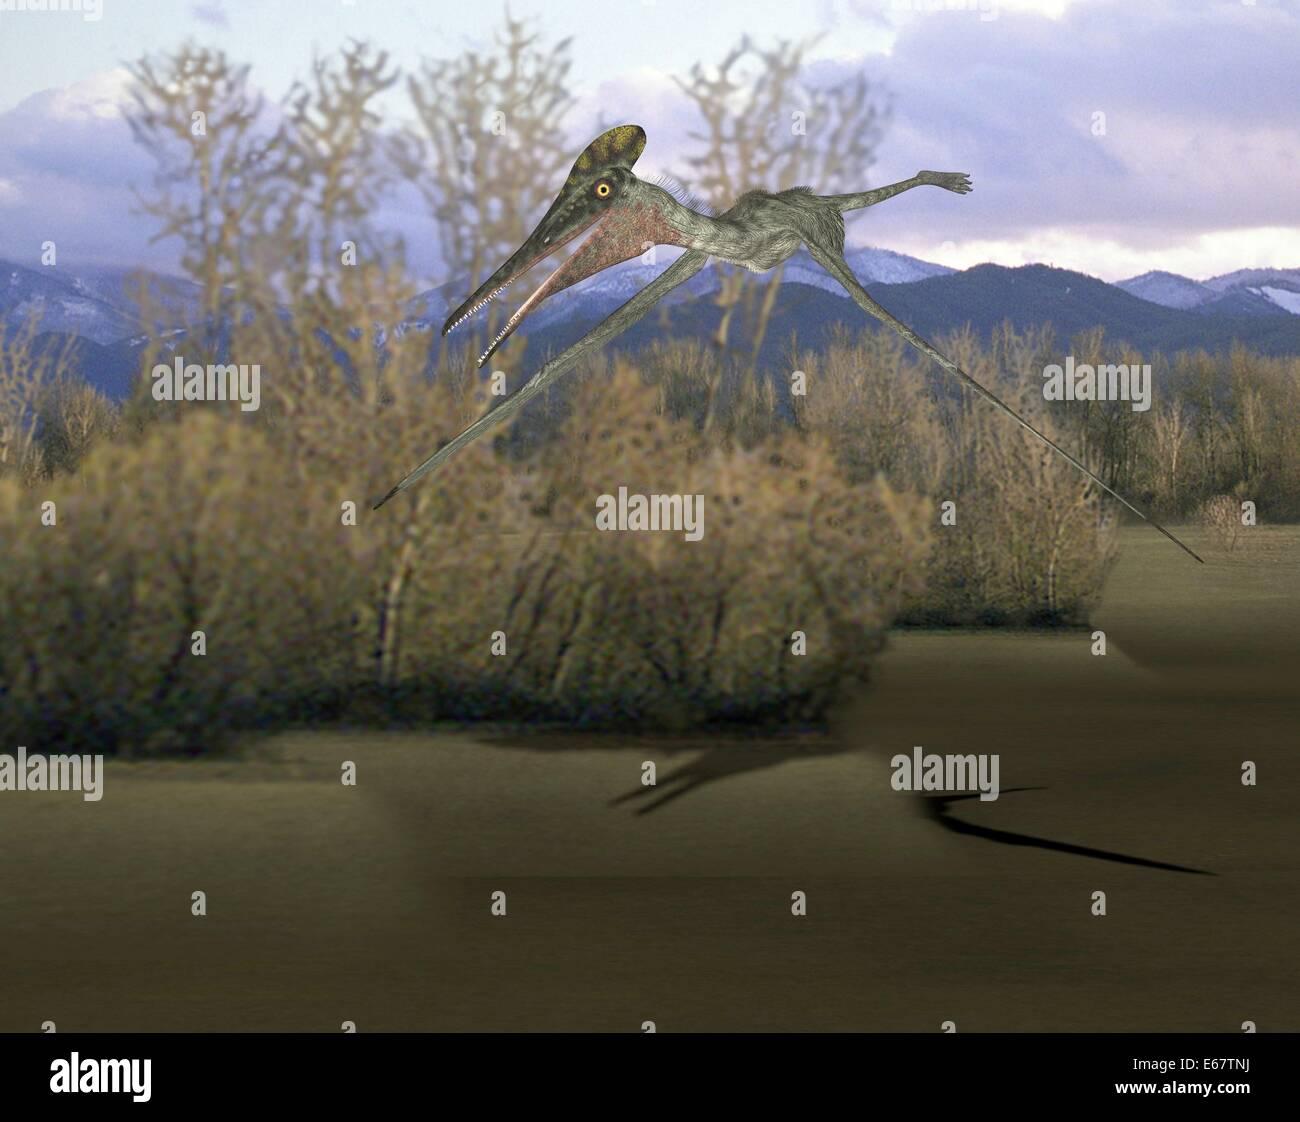 Dinosaurier Pterodactylus / dinosaur Pterodactylus Stock Photo